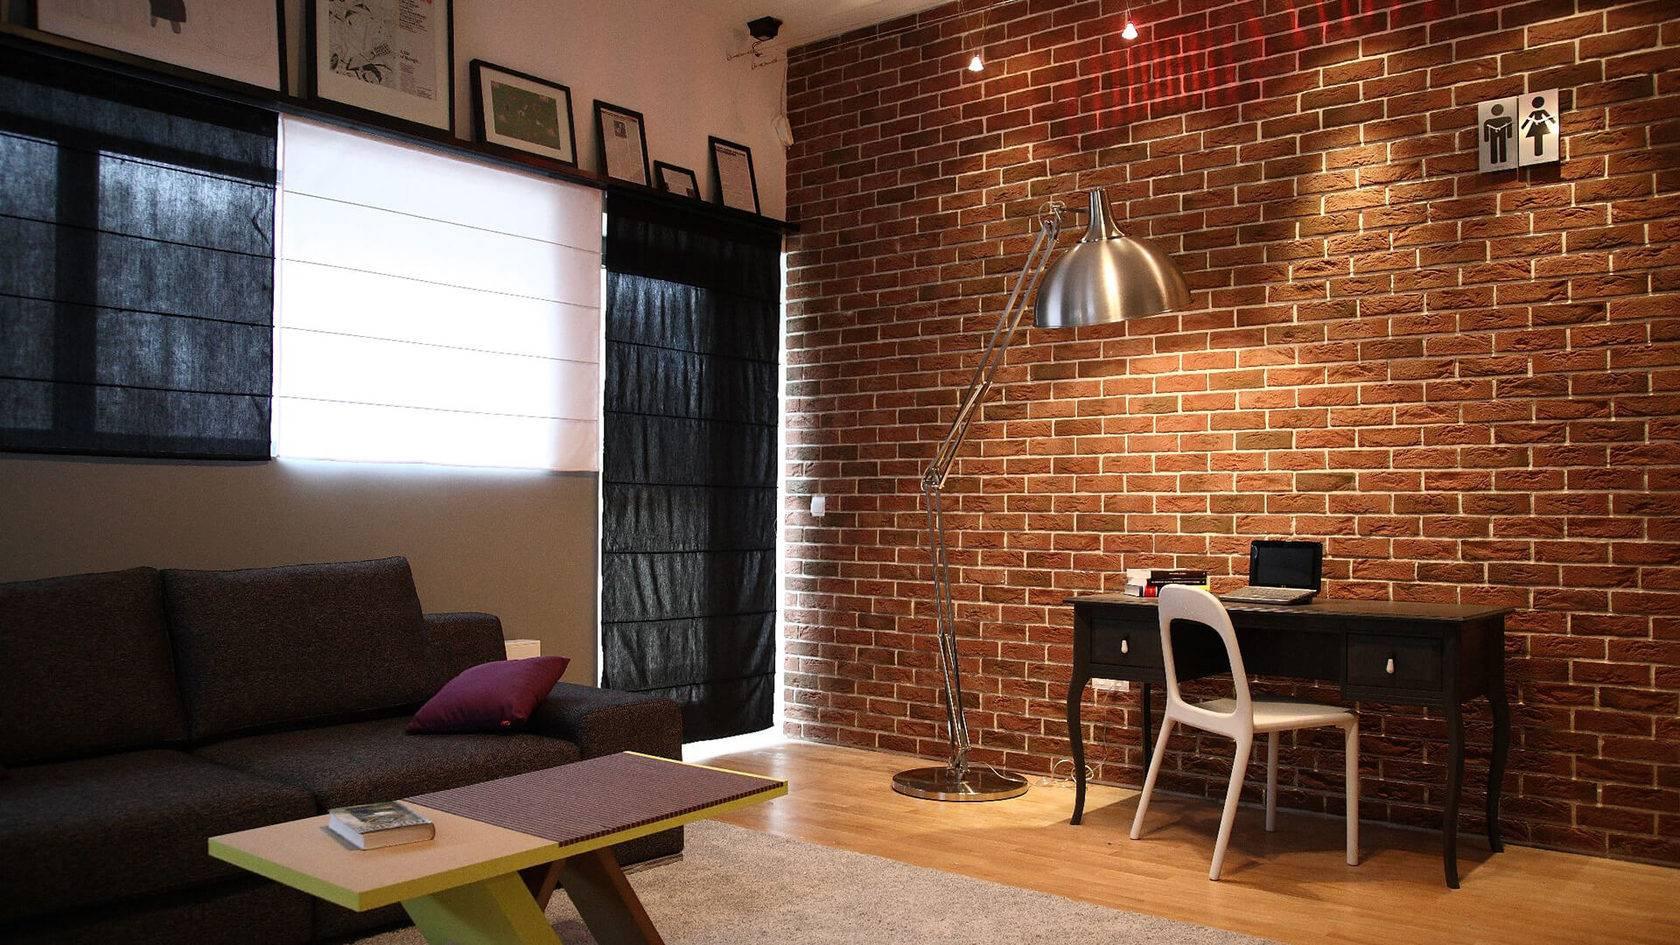 кирпич на стене в квартире фото мамочка погрузилась заботы